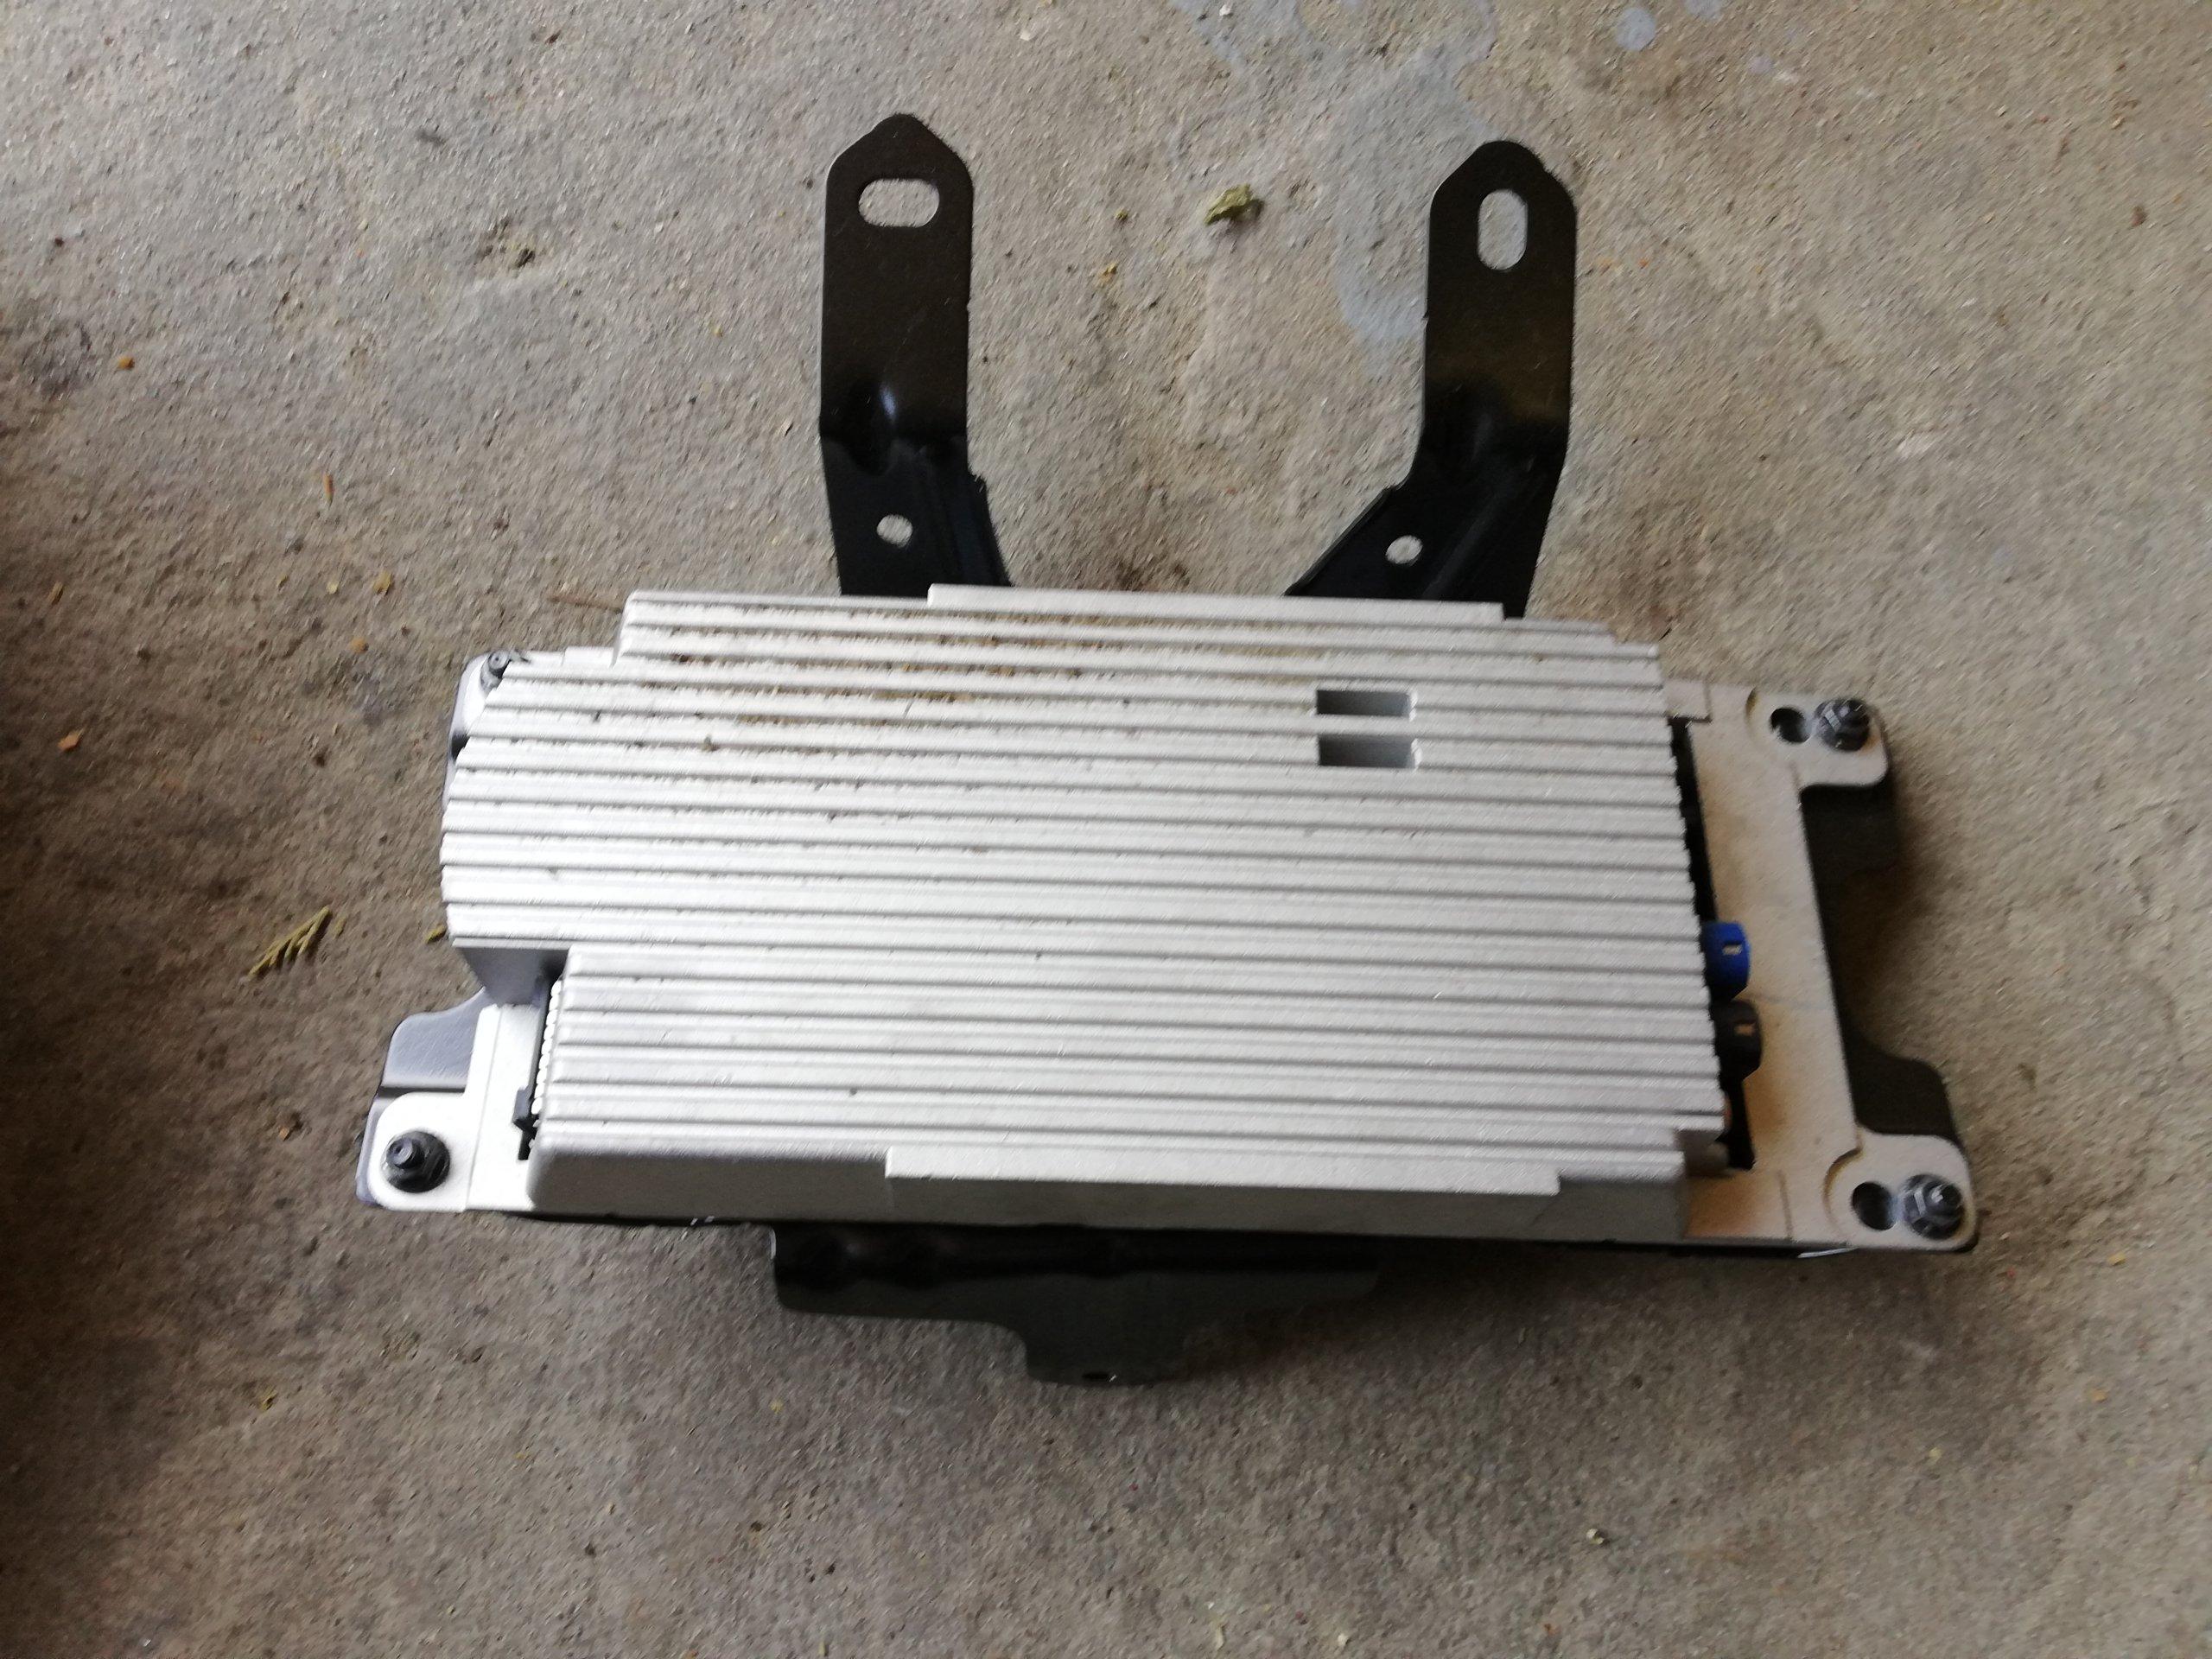 COMBOX TELEMATIC BMW F10 F11 F07 F30 F01 9257153 - 7281768754